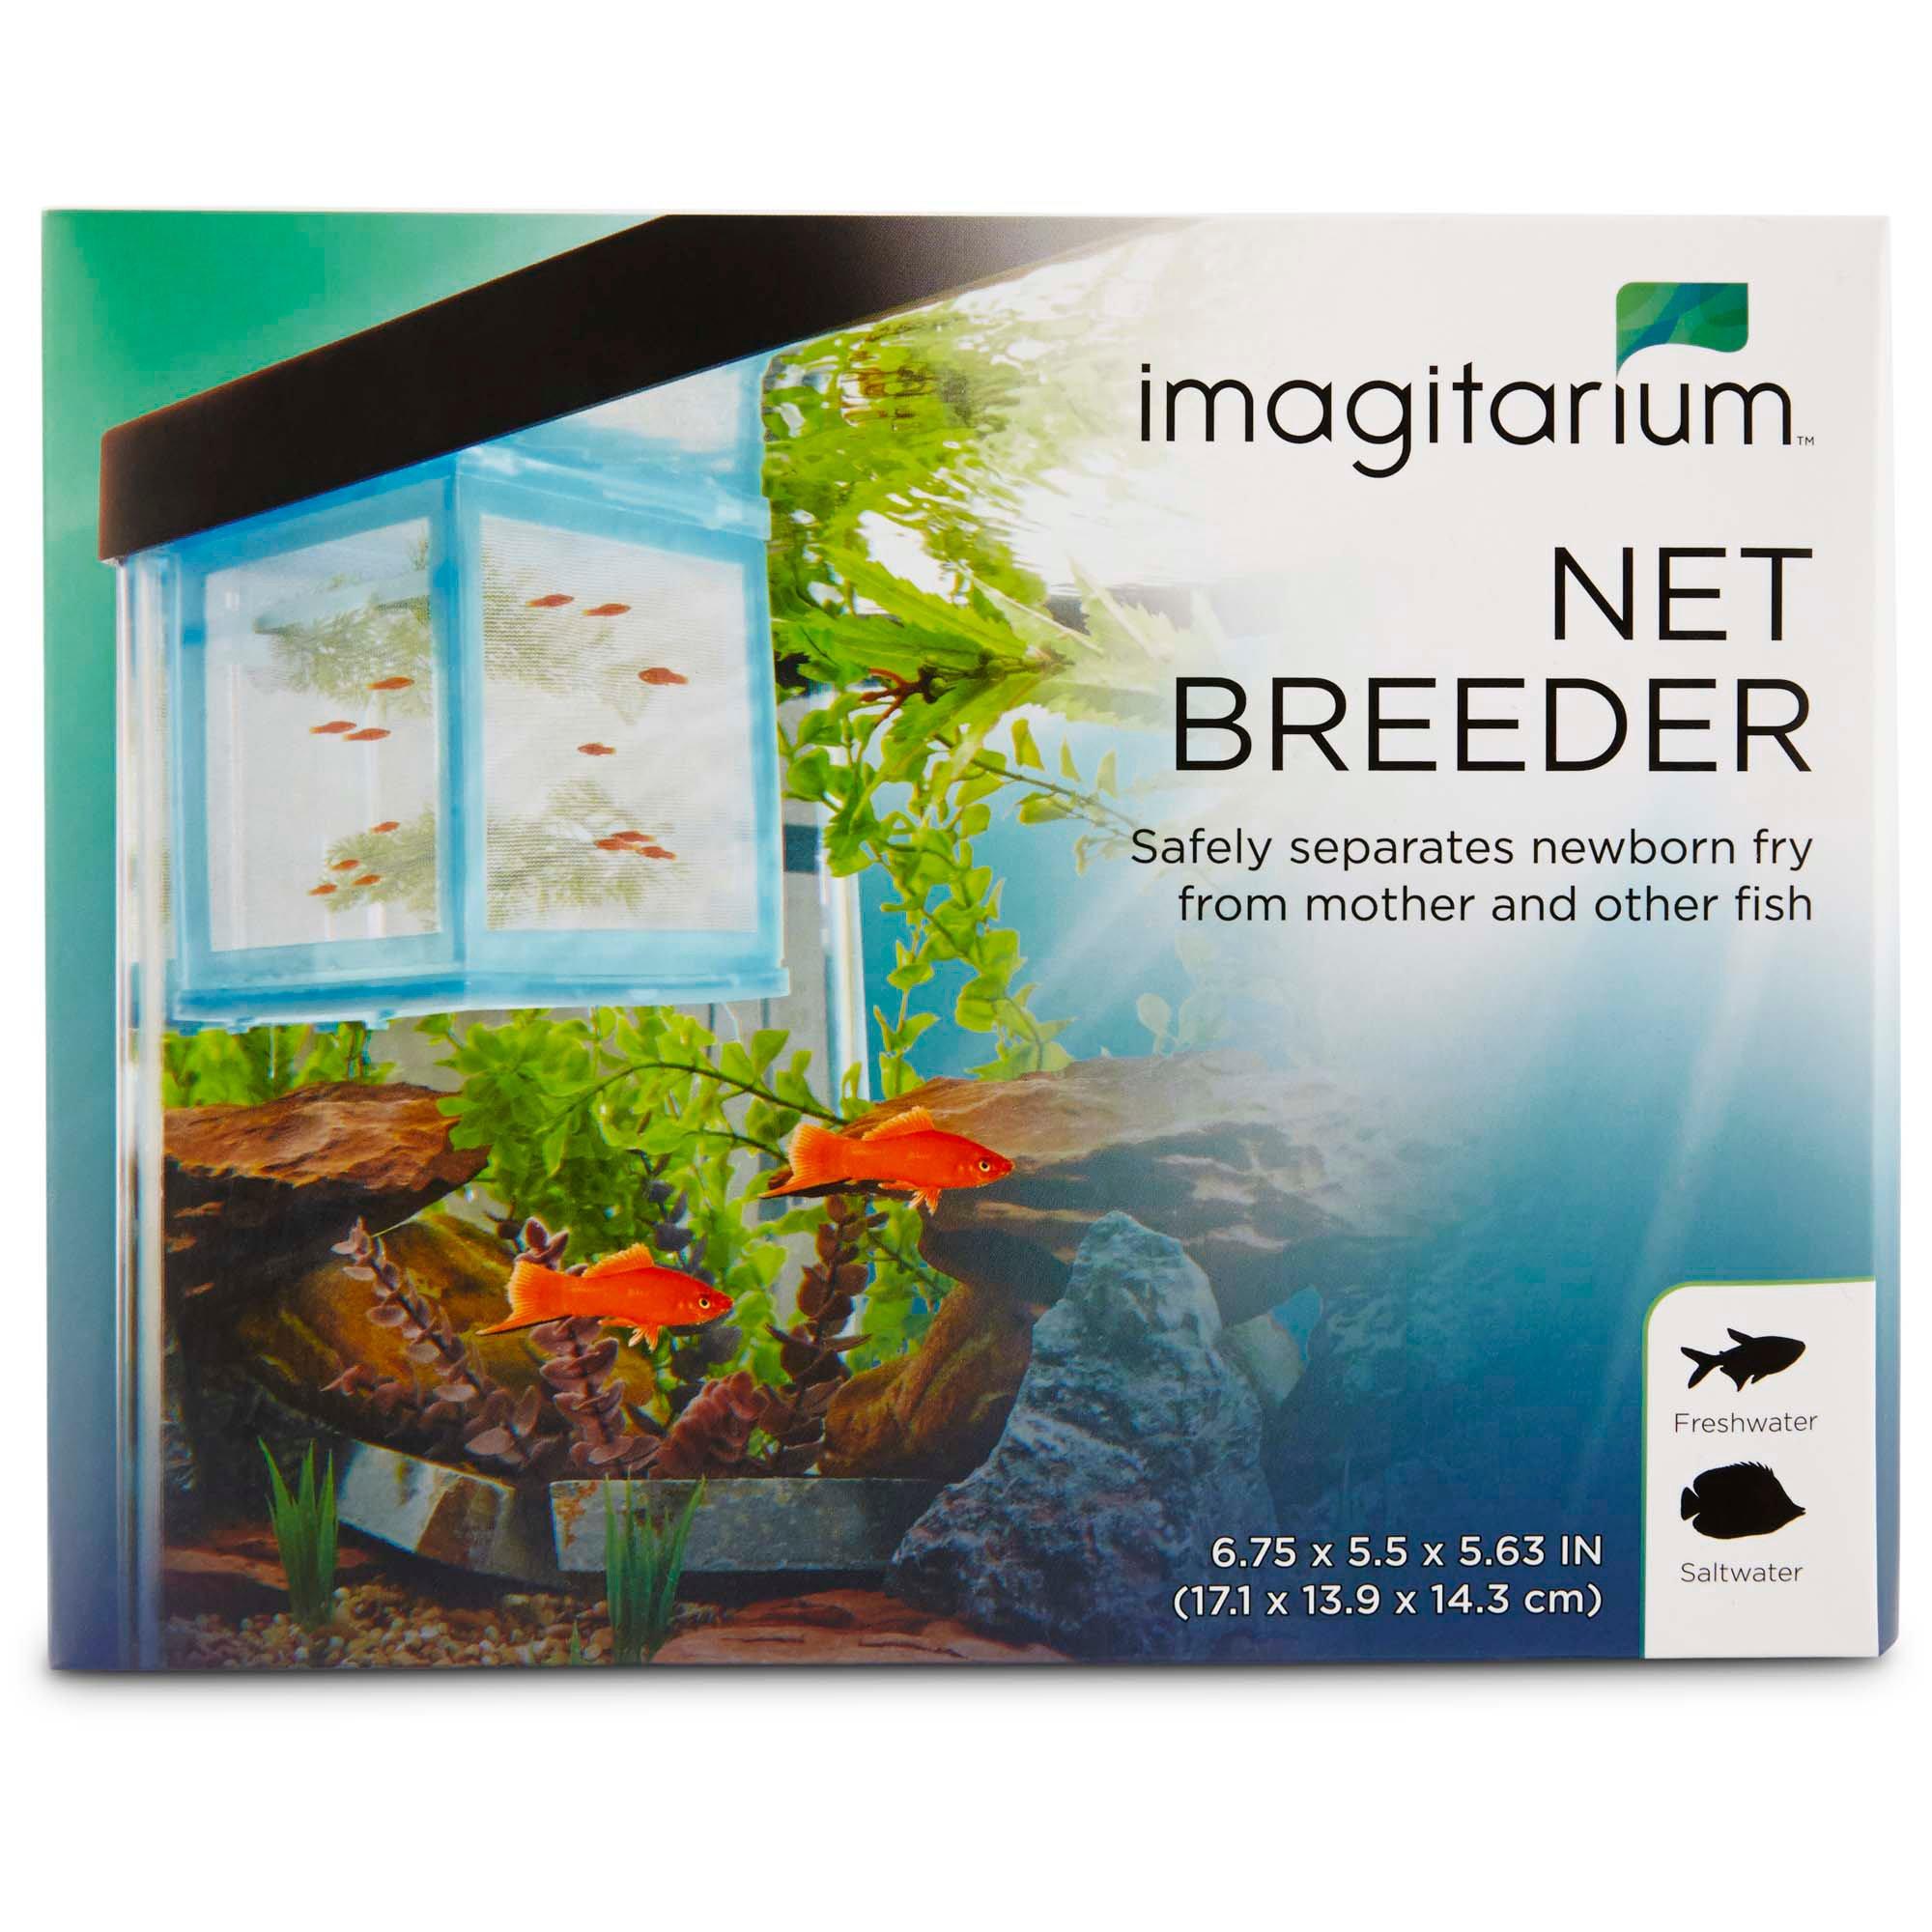 imagitarium net breeder instructions